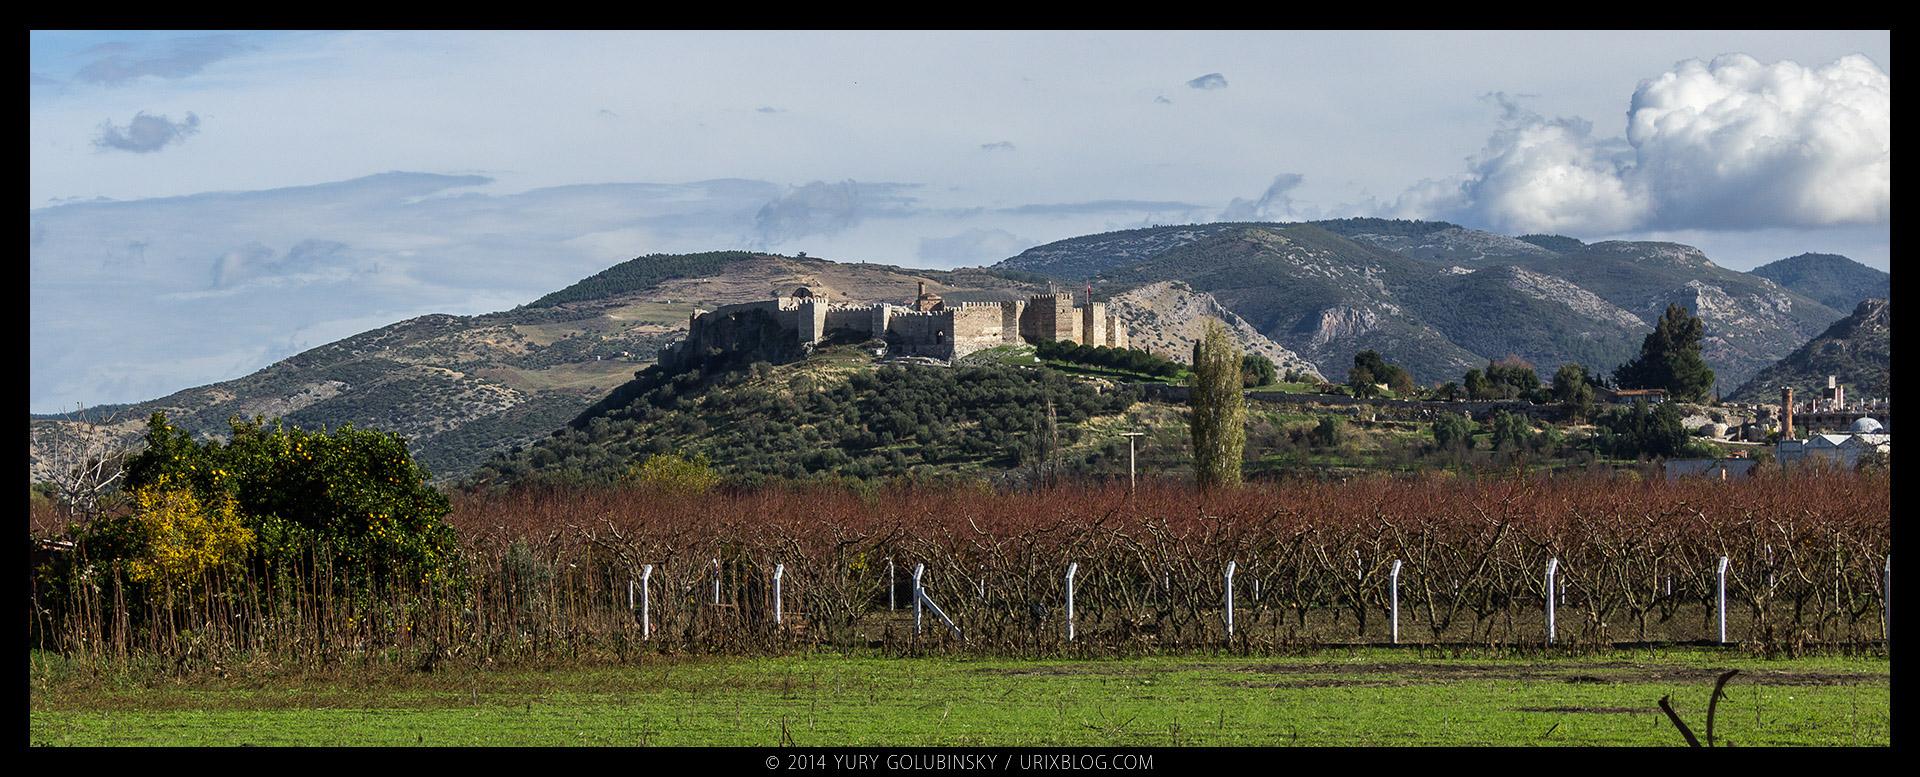 Аясулук, Айасулук, крепость, замок, холм, Сельчук, Измир, Турция, старинный, средневековый, руины, раскопки, панорама, 2014